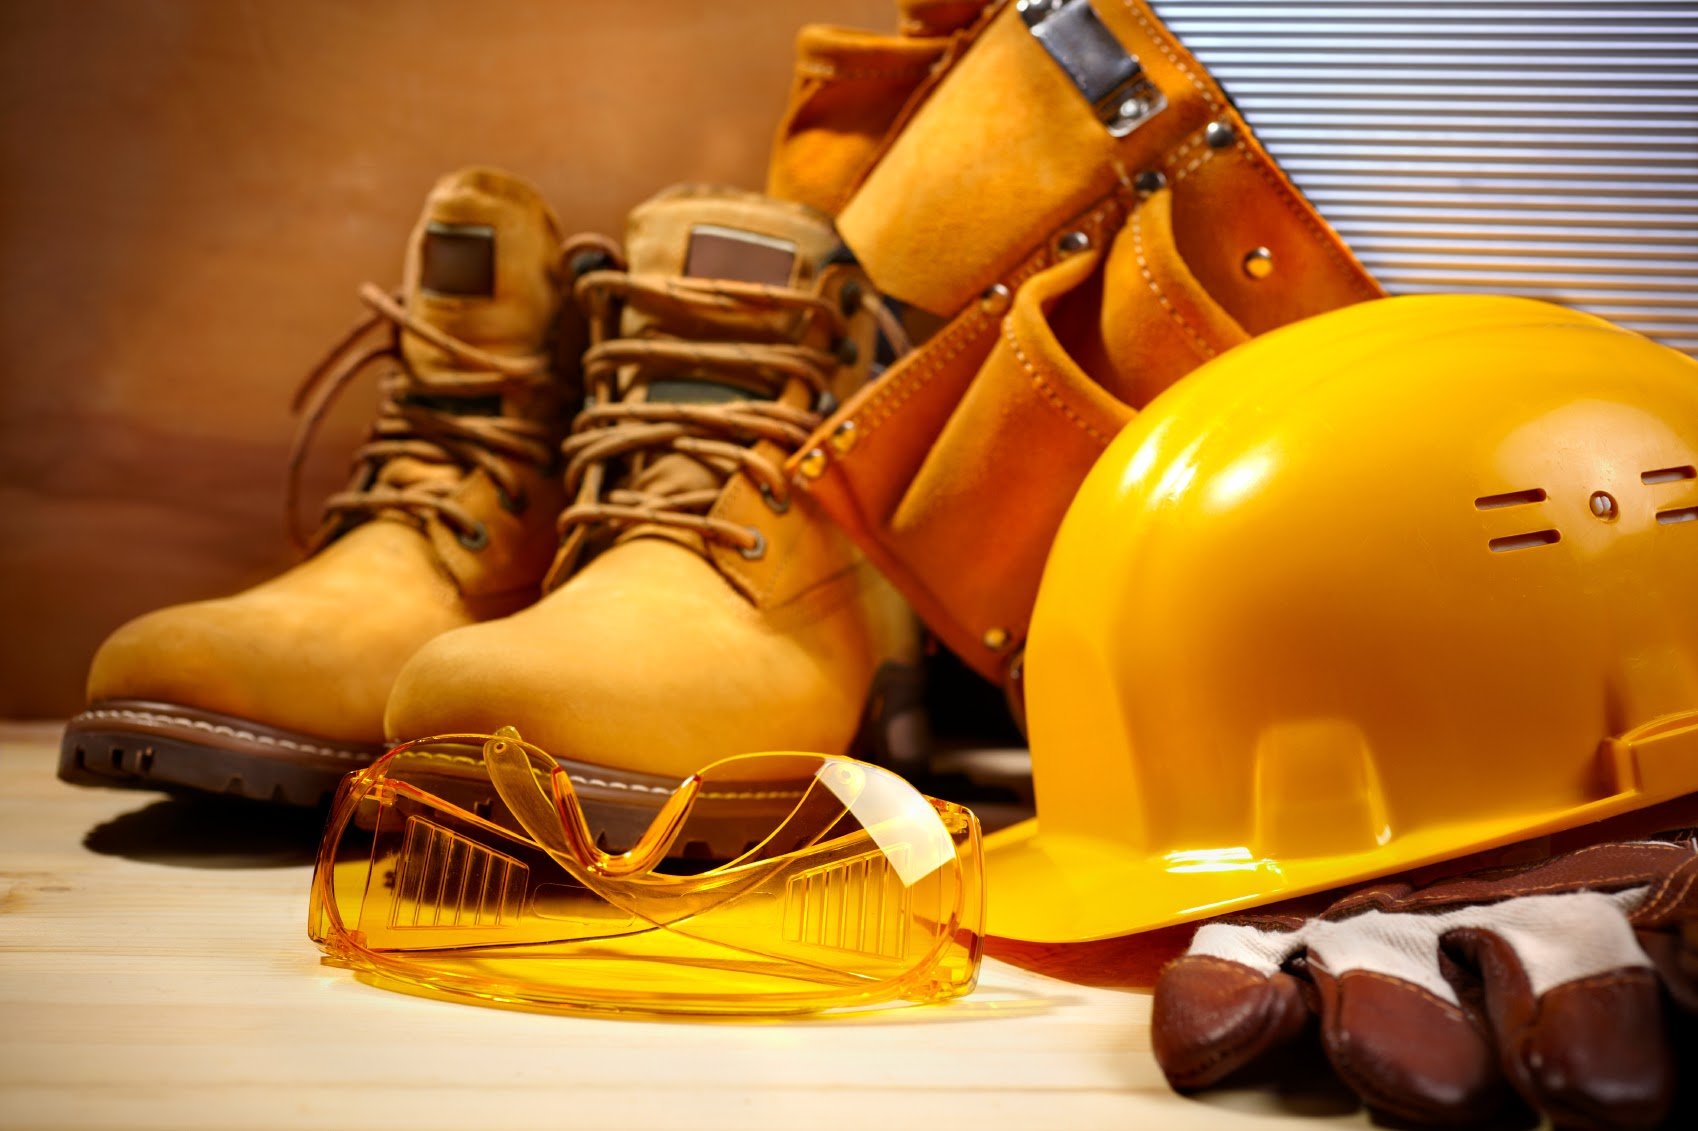 bezpieczenstwo pracy